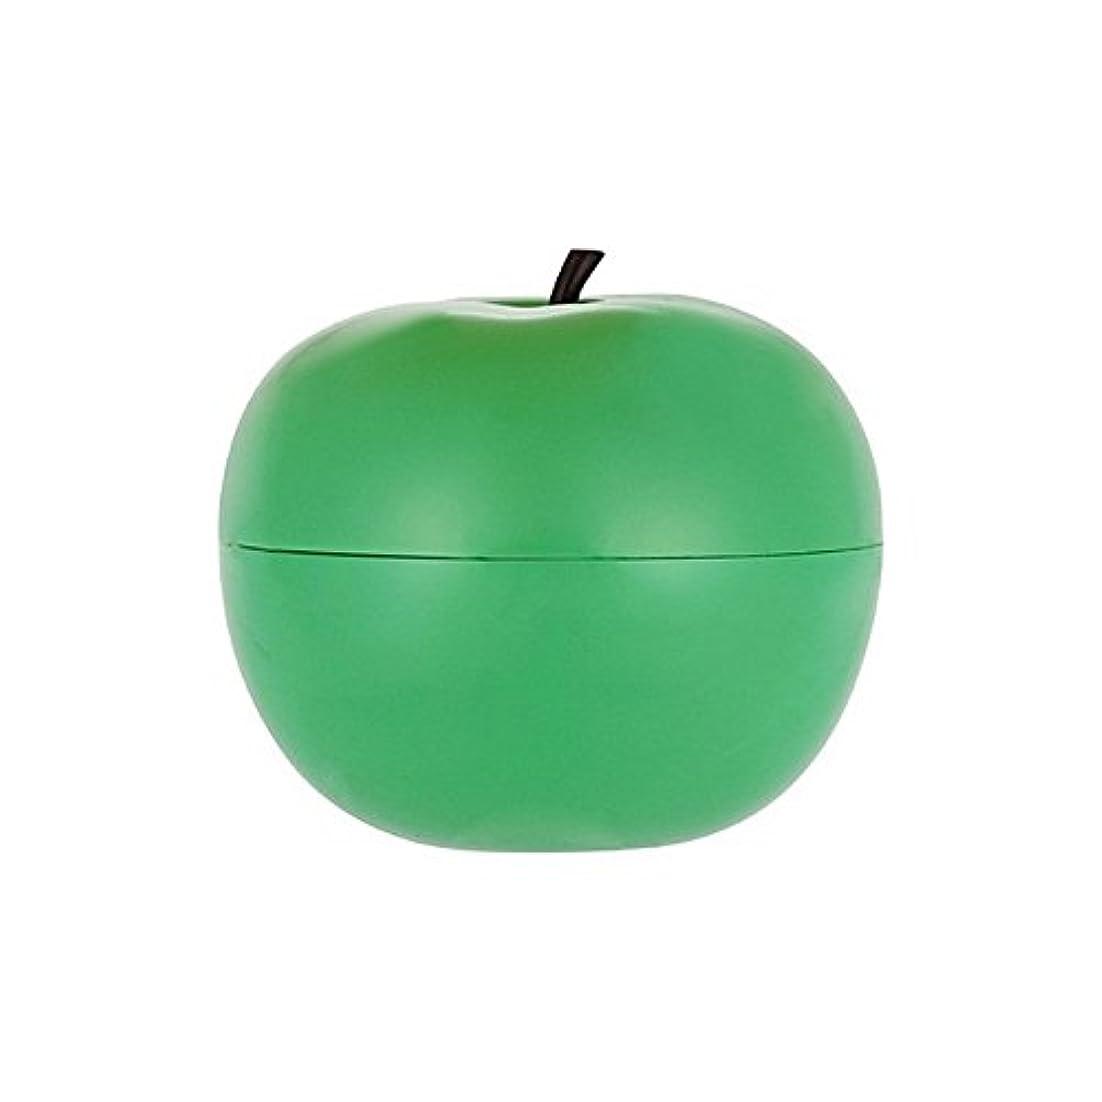 マキシムラッチ反論トニーモリースムーズマッサージピーリングクリーム80グラム x4 - Tony Moly Appletox Smooth Massage Peeling Cream 80G (Pack of 4) [並行輸入品]